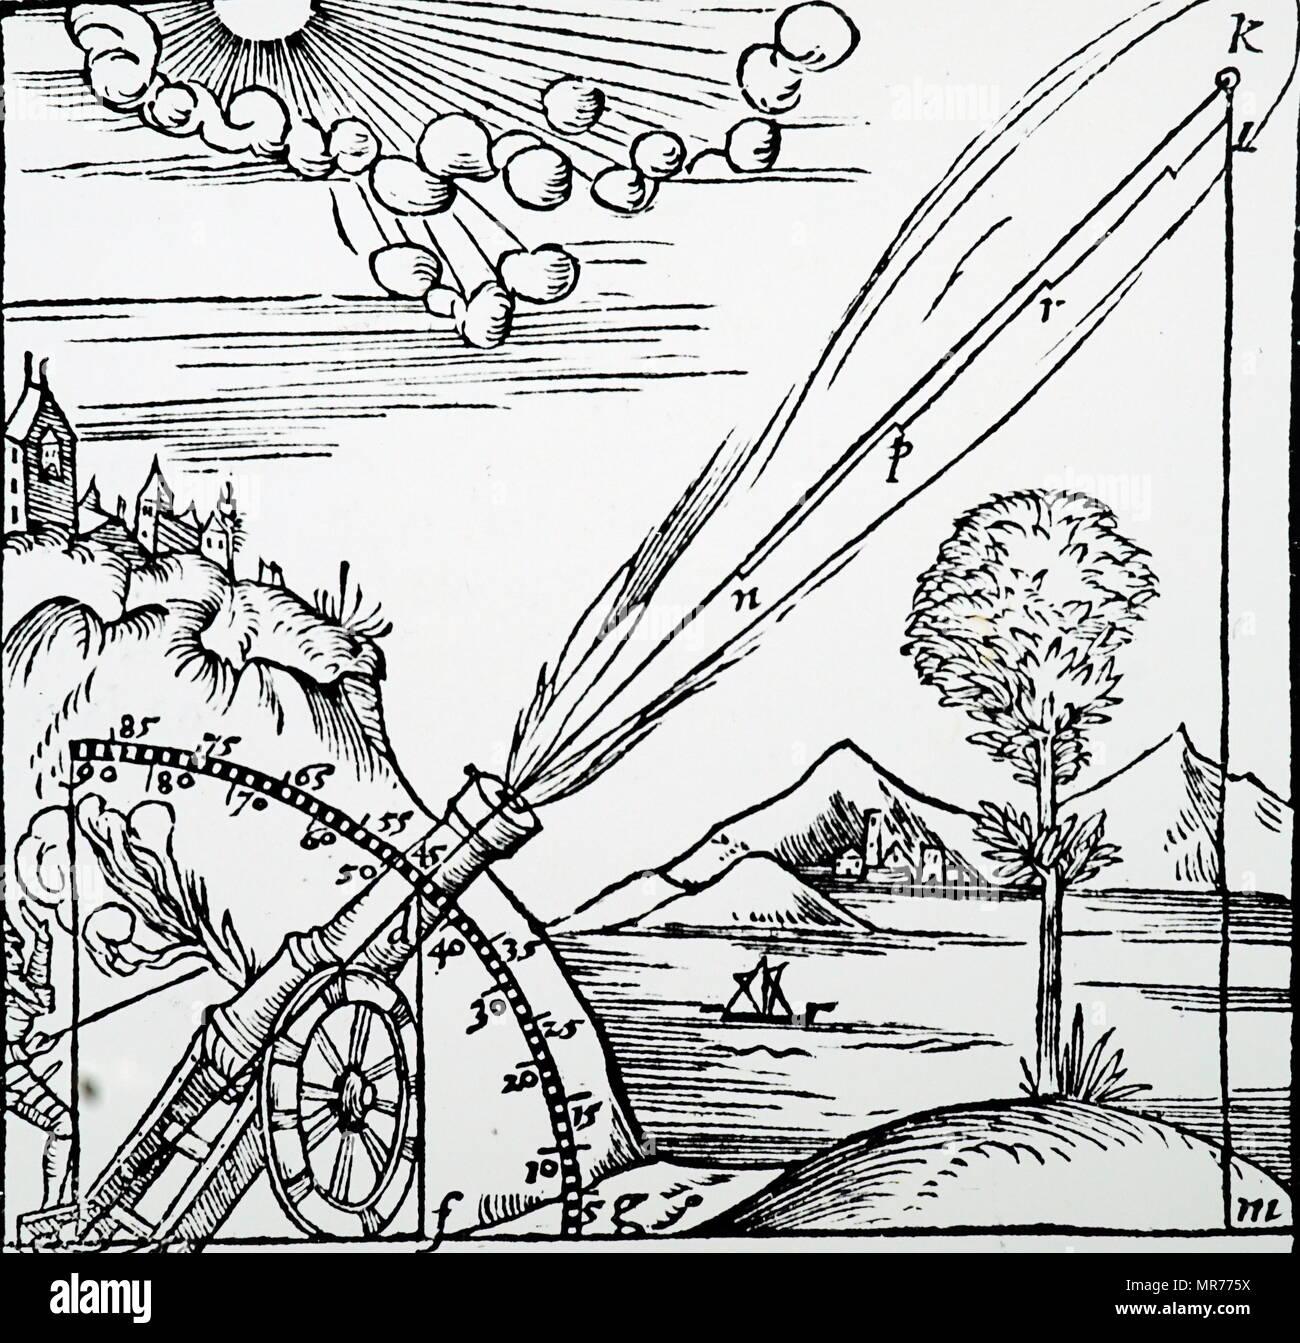 Illustrazione della nozione aristotelica della traiettoria di un proiettile. Aristotele (384 BC-322 BC) un antico filosofo greco e lo scienziato. Datata xvi secolo Immagini Stock